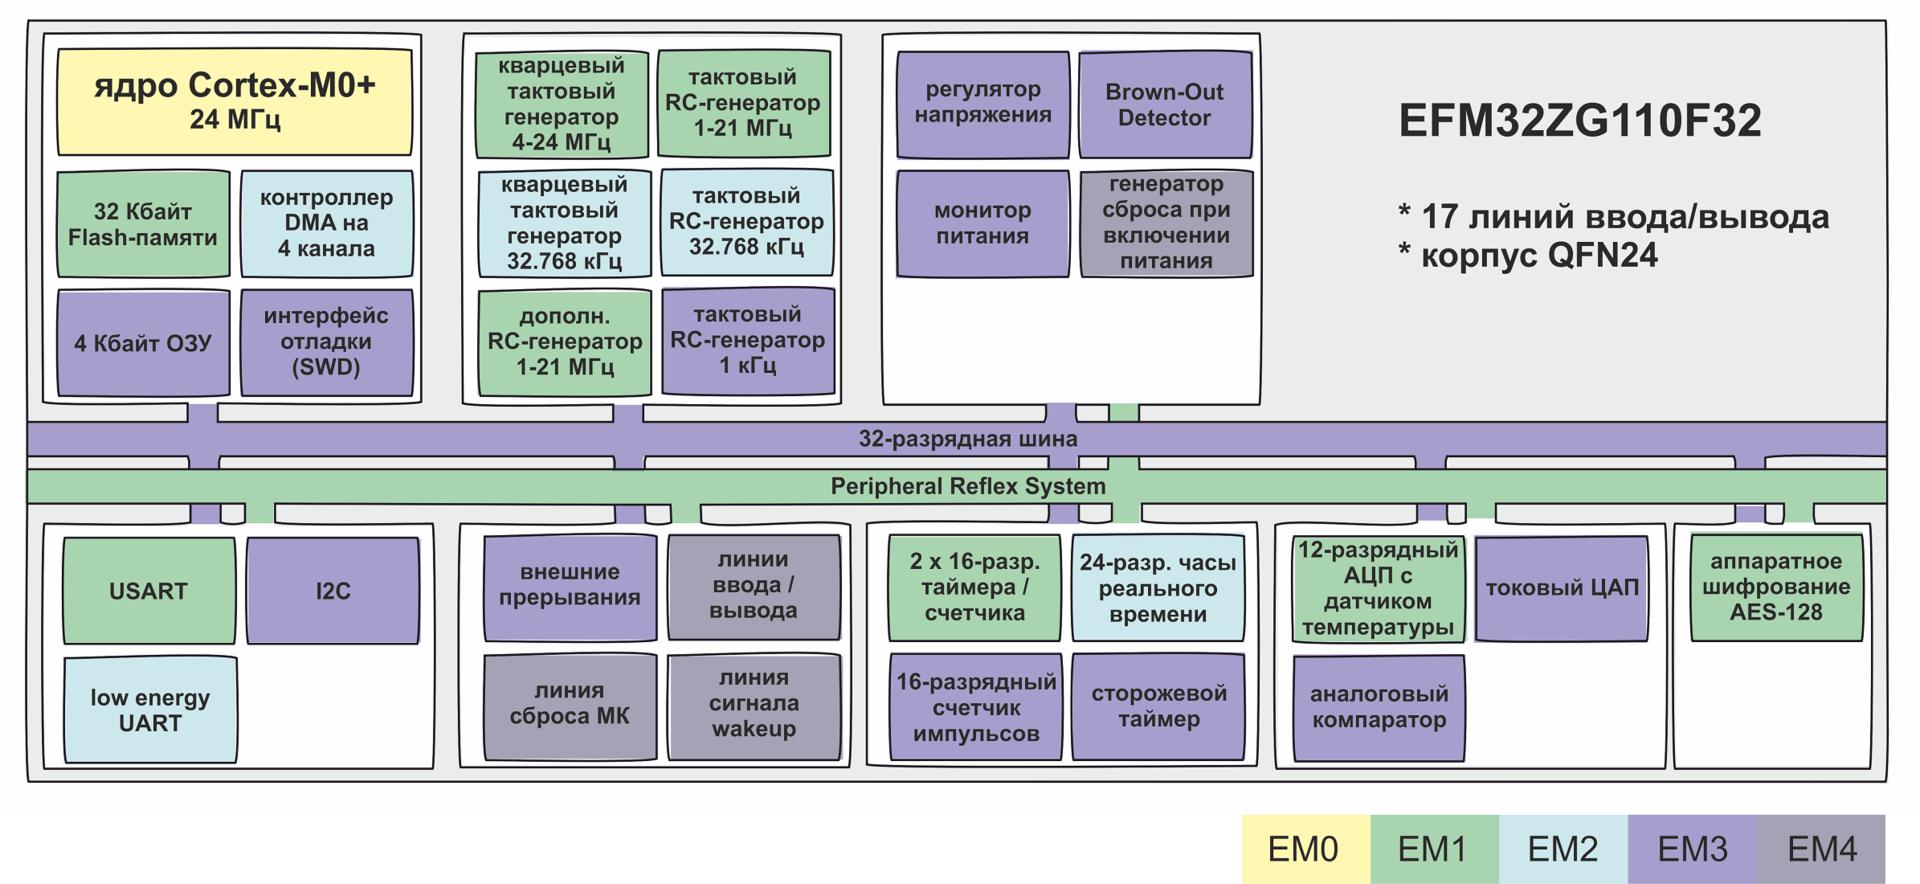 Статья про микроконтроллер EFM32ZG110F32 - 2